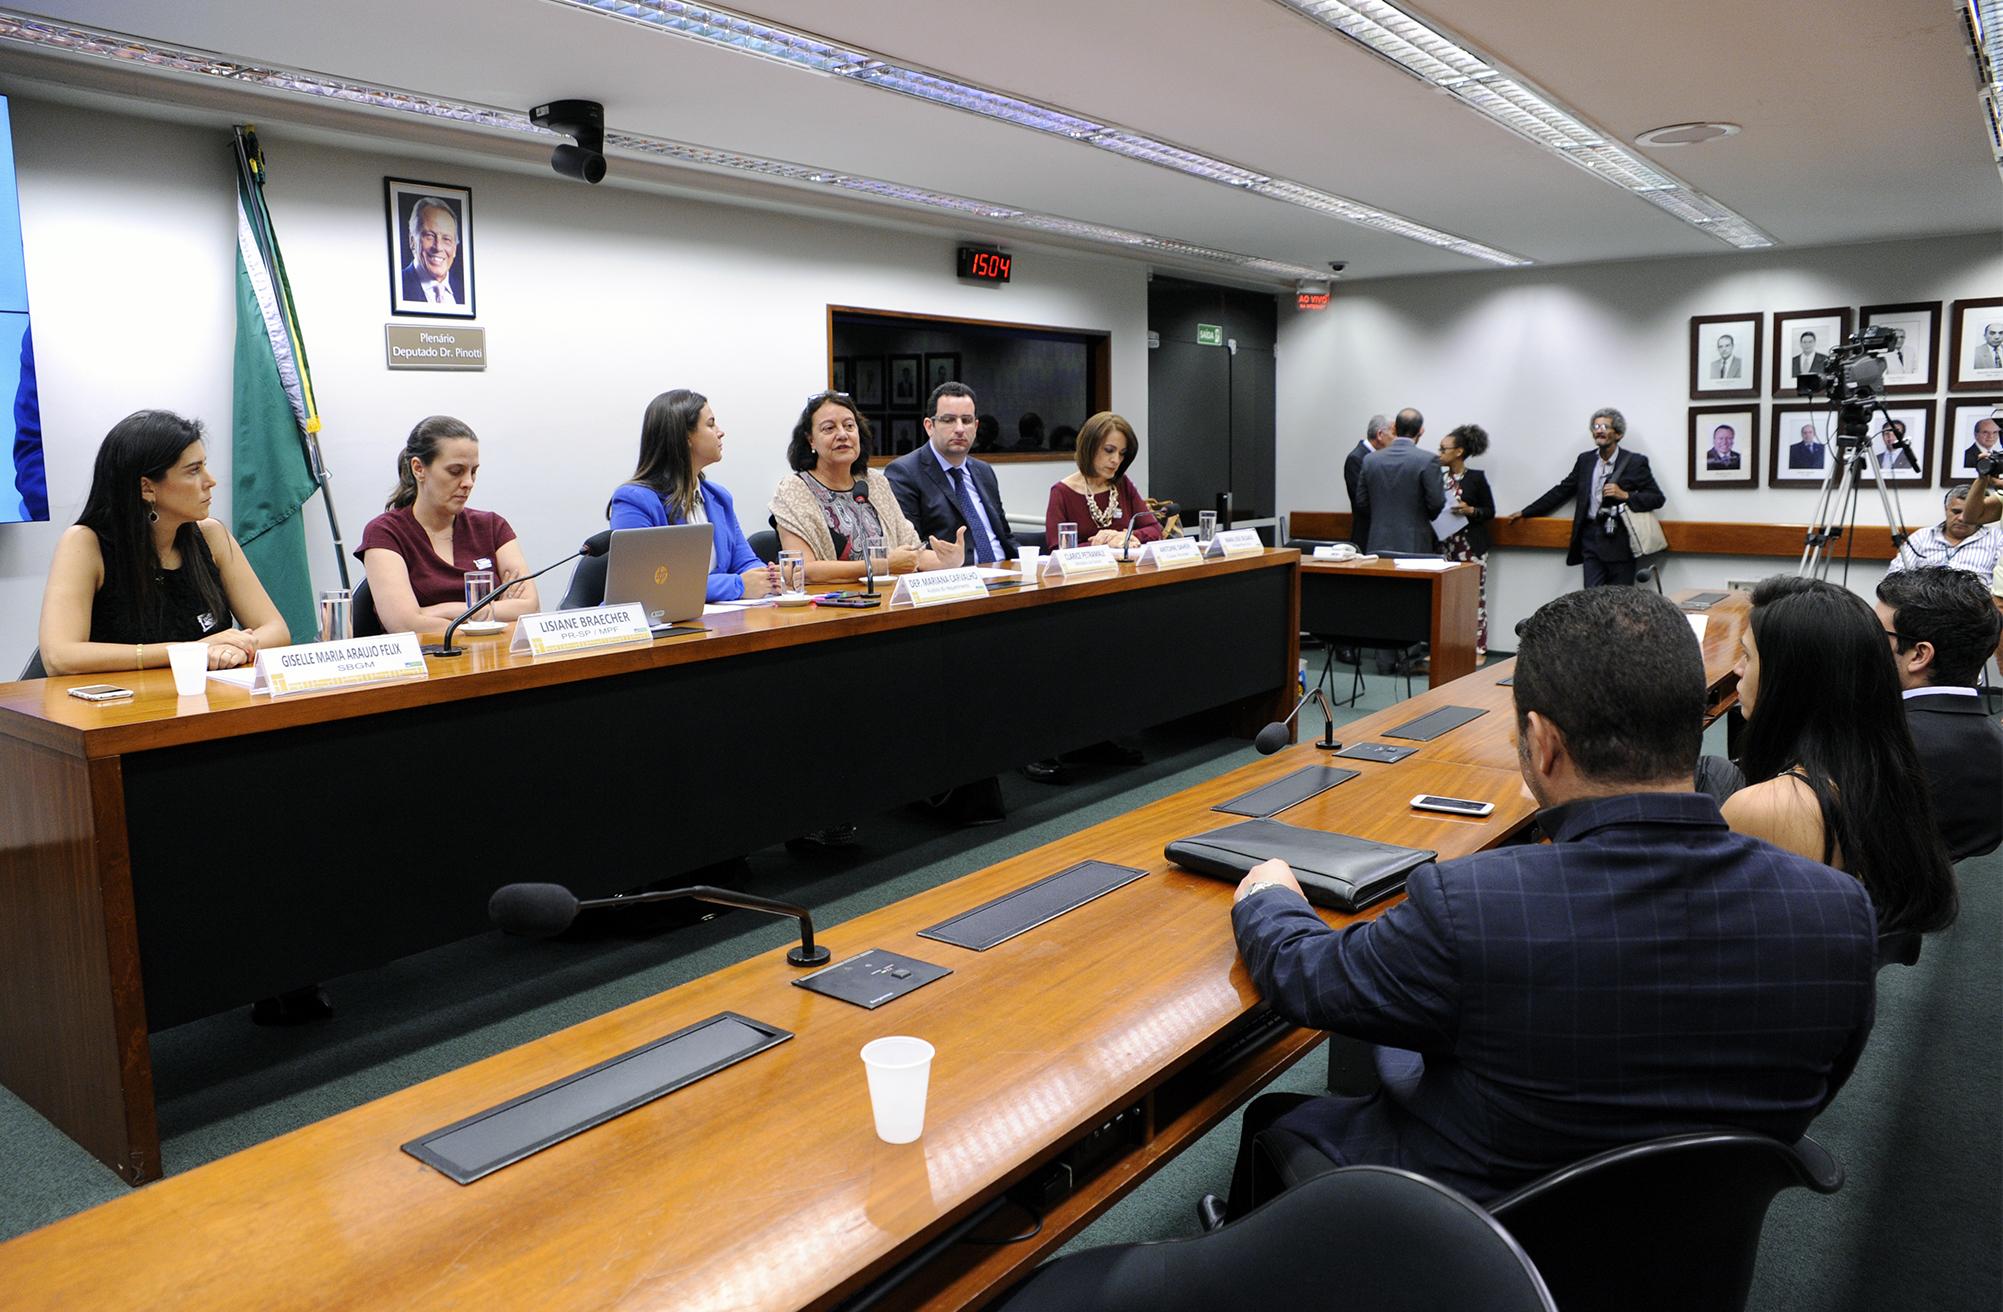 Audiência Pública sobre doenças raras, dificuldades no acesso ao tratamento e a judicialização sob a ótica do paciente